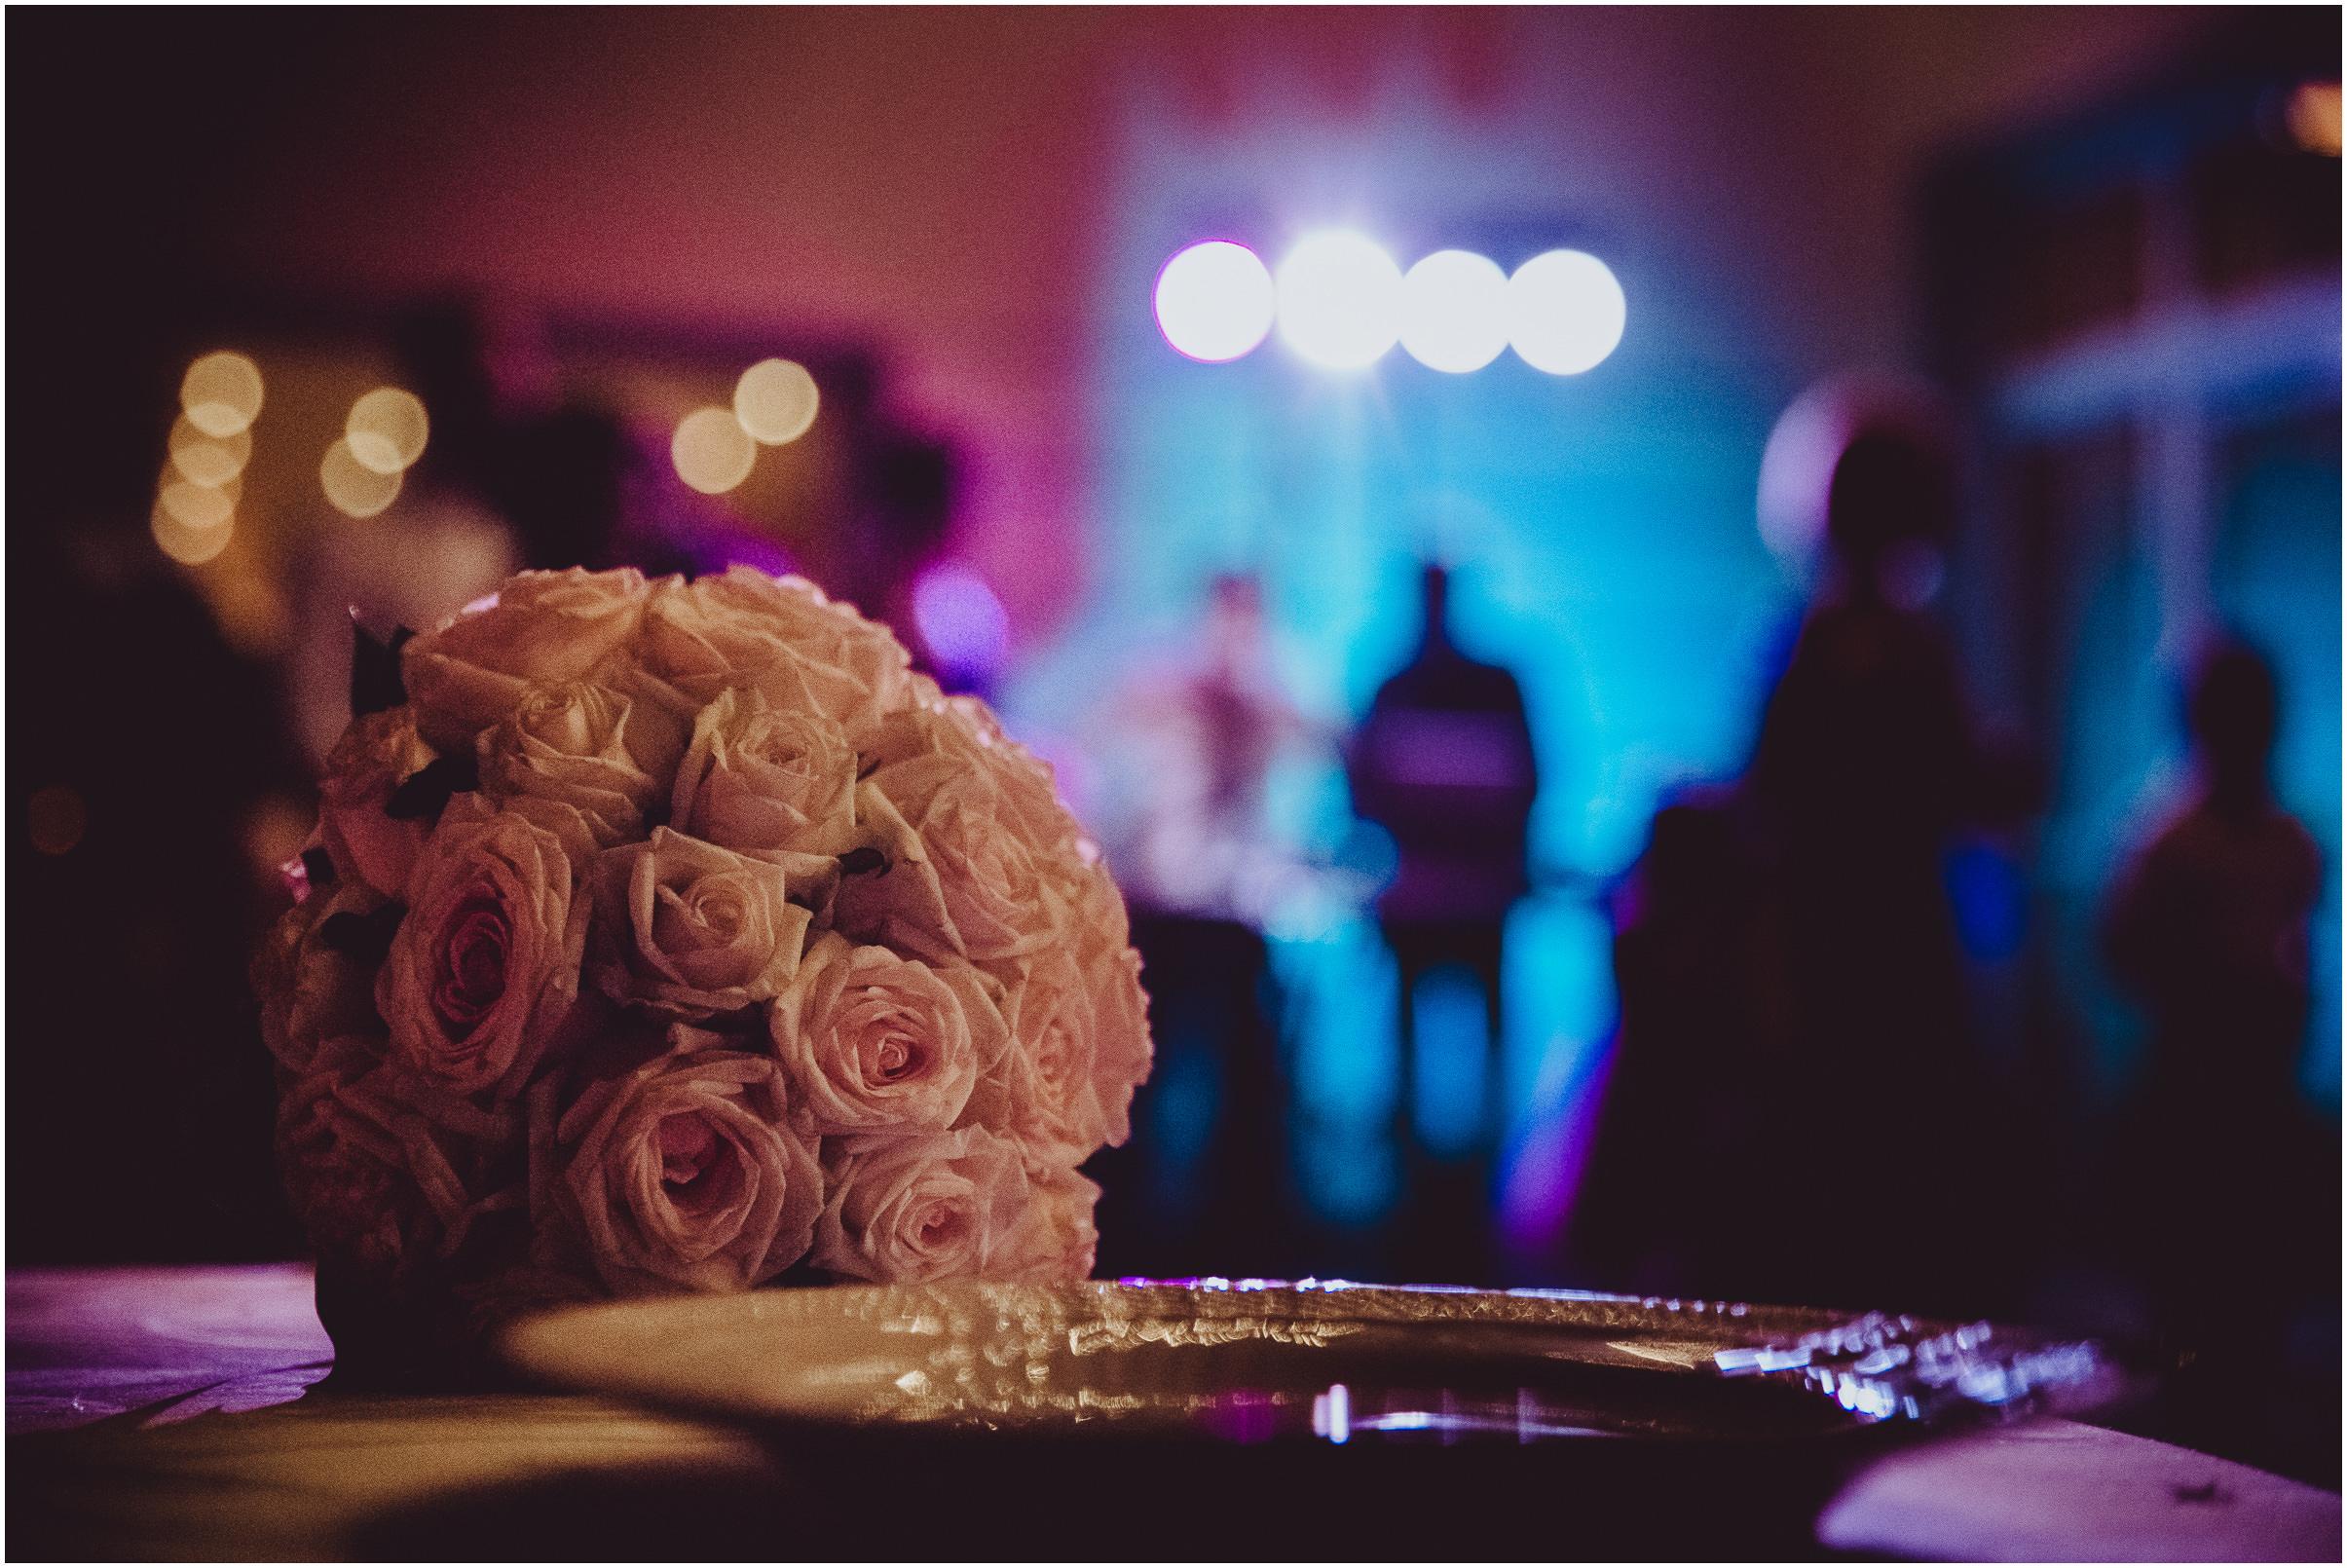 WEDDING-PHOTOGRAPHY-SARA-LORENZONI-FOTOGRAFIA-MATRIMONIO-AREZZO-TUSCANY-EVENTO-LE-SPOSE-DI-GIANNI-ELISA-LUCA071